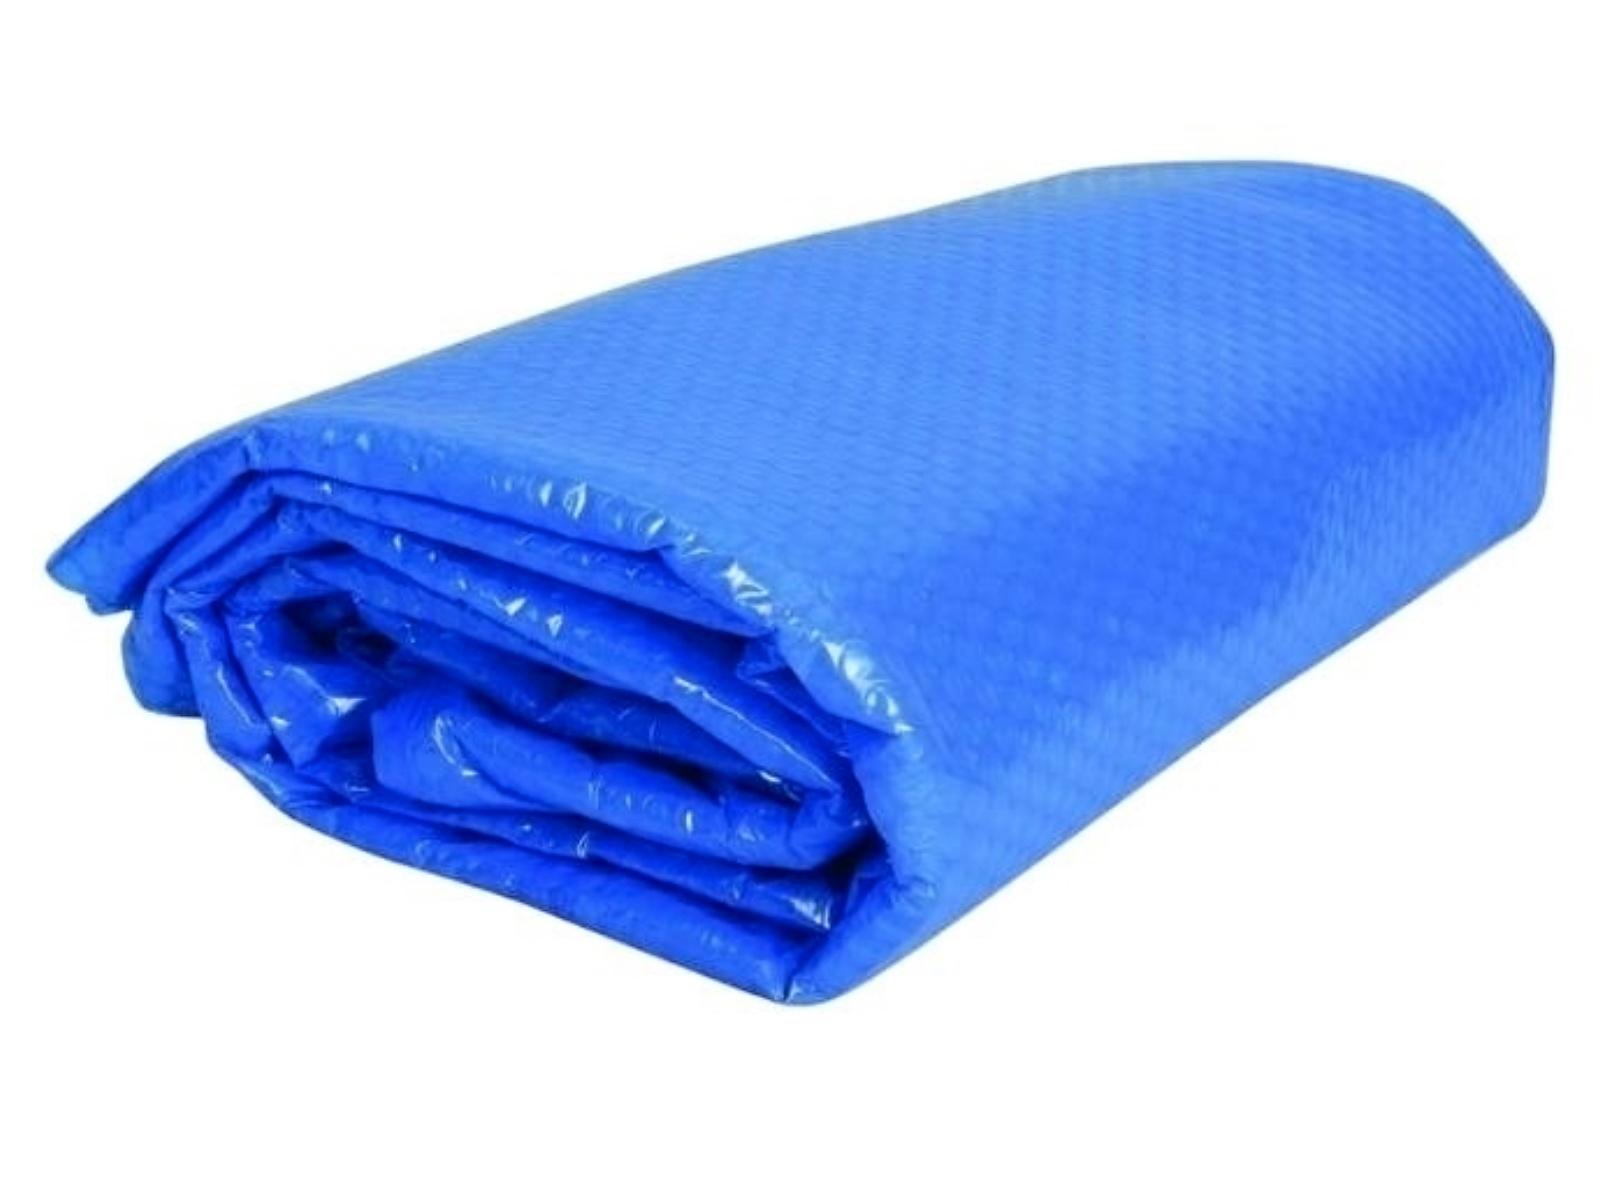 Solární plachta k bazénům MARIMEX Tampa 244 cm - modrá